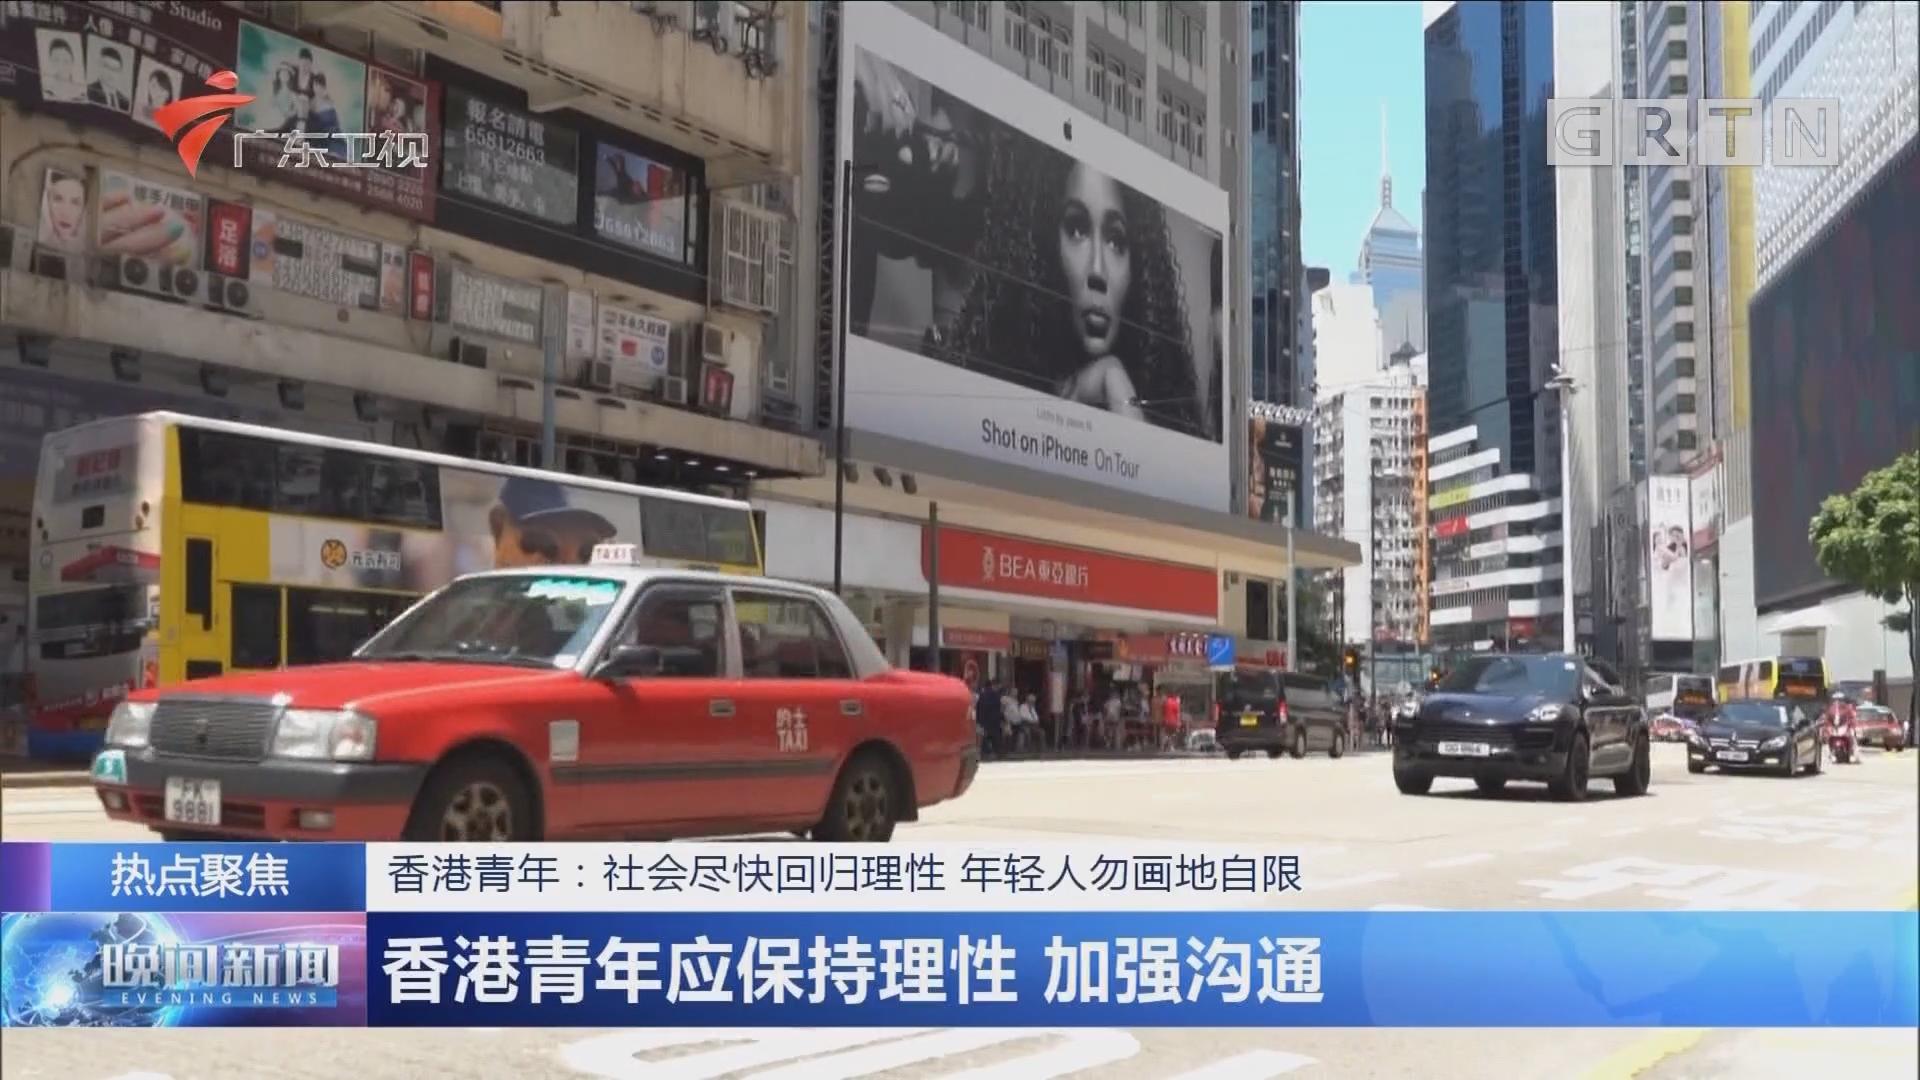 香港青年:社会尽快回归理性 年轻人勿画地自限 香港青年应保持理性 加强沟通